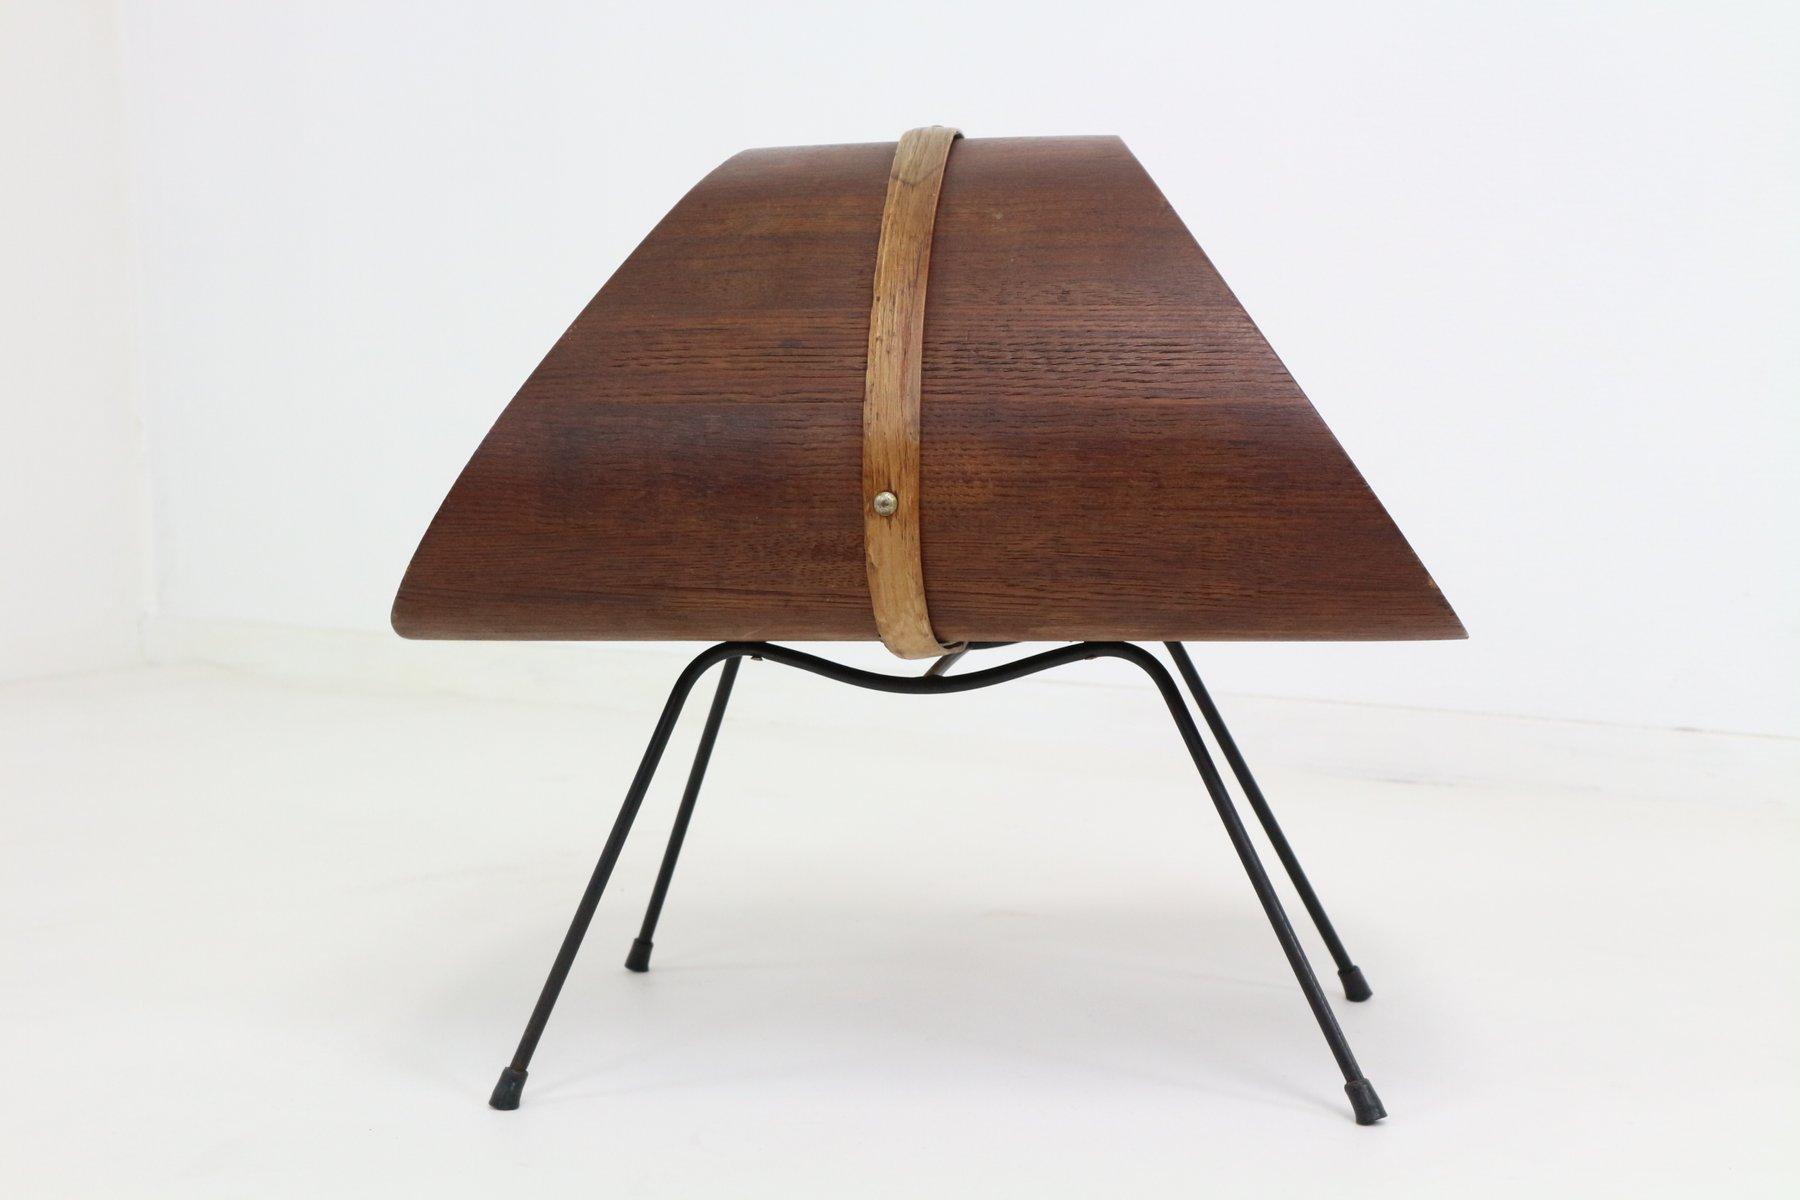 zeitschriftenst nder von carl aub ck 1950er bei pamono kaufen. Black Bedroom Furniture Sets. Home Design Ideas